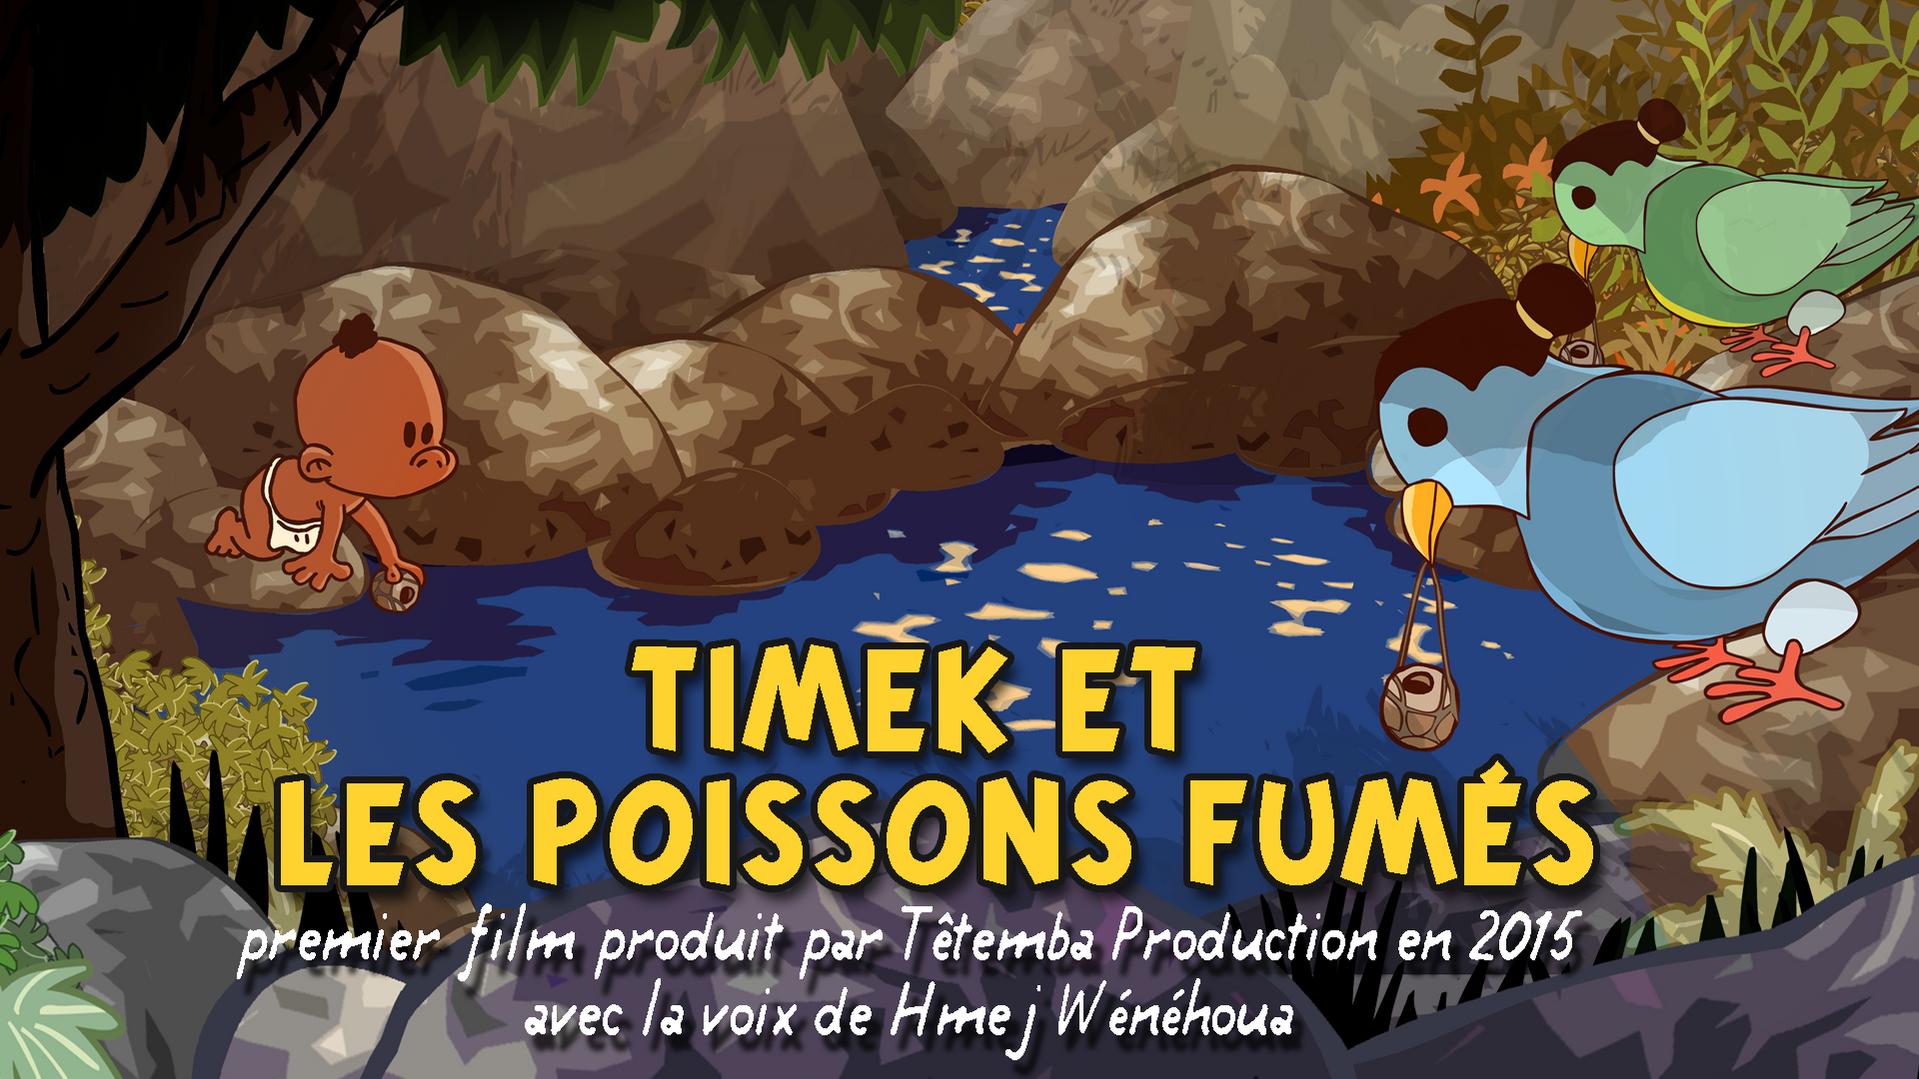 Timek et les poissons fumés